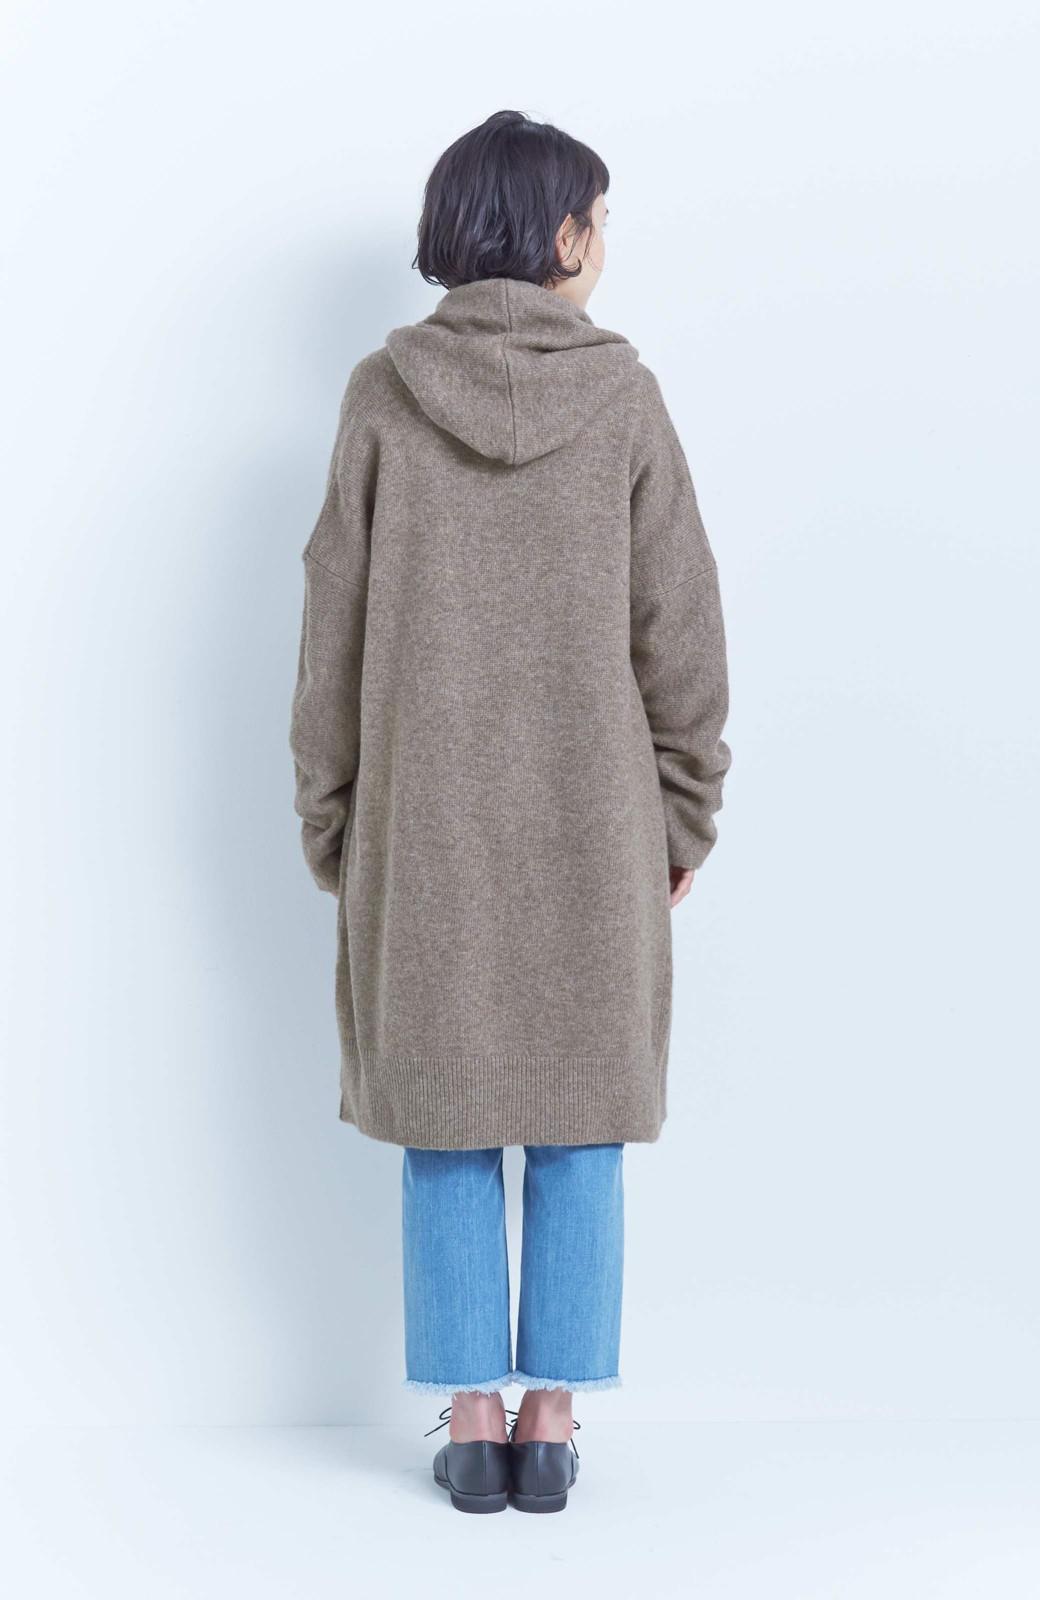 エムトロワ ぱっと羽織るのに便利な軽くてあったかいニットガウンコート <ブラウン>の商品写真15